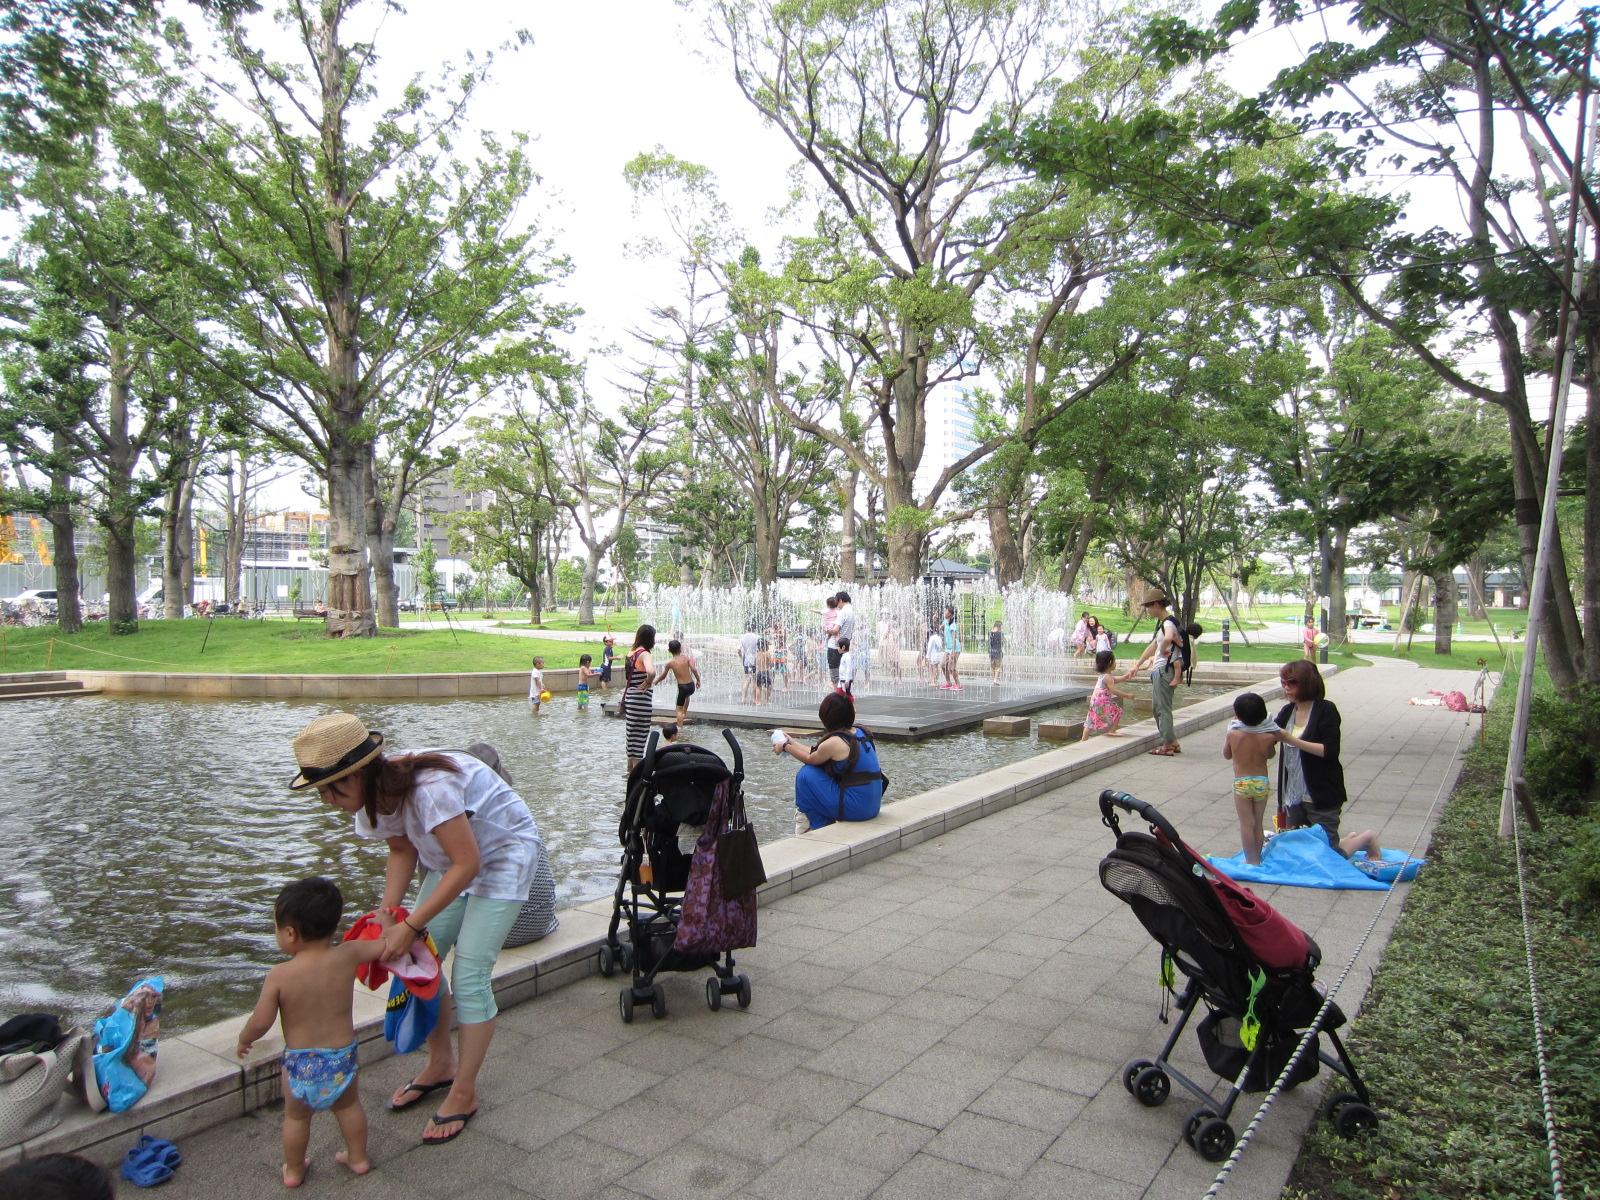 ≪中野セントラルパーク≫2013年の夏「噴水で子供たちが遊ぶ」